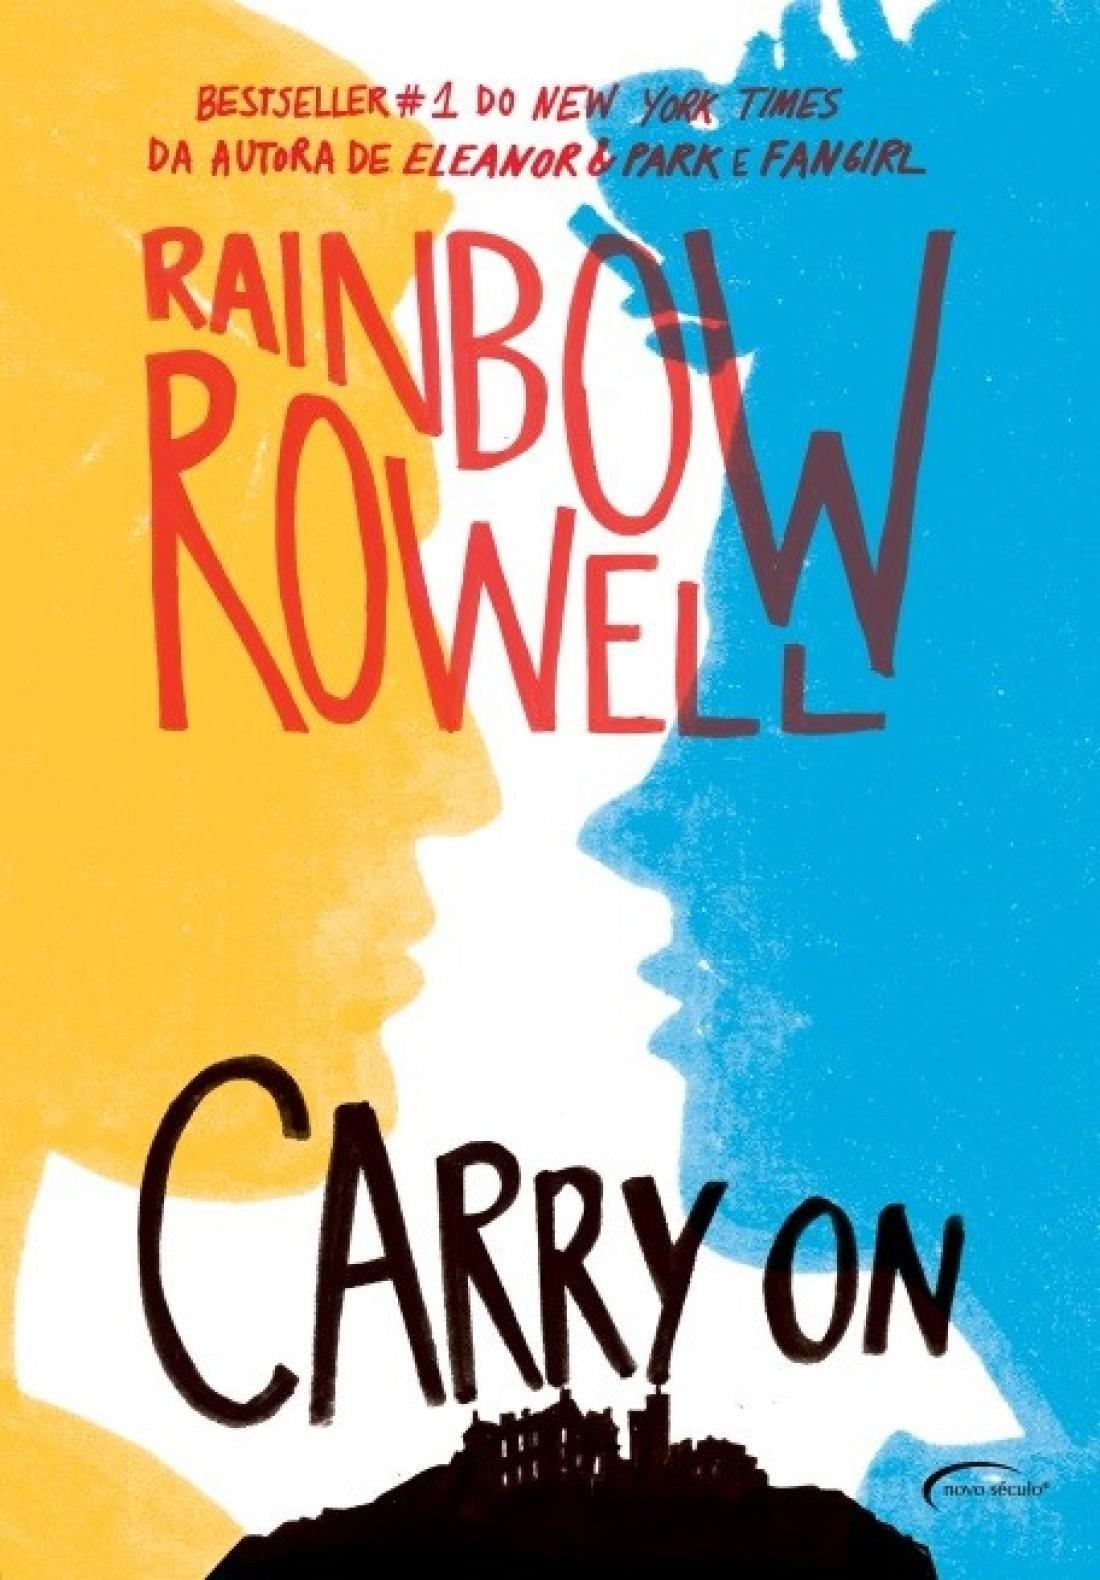 livro Carry On, de Rainbow Rowell